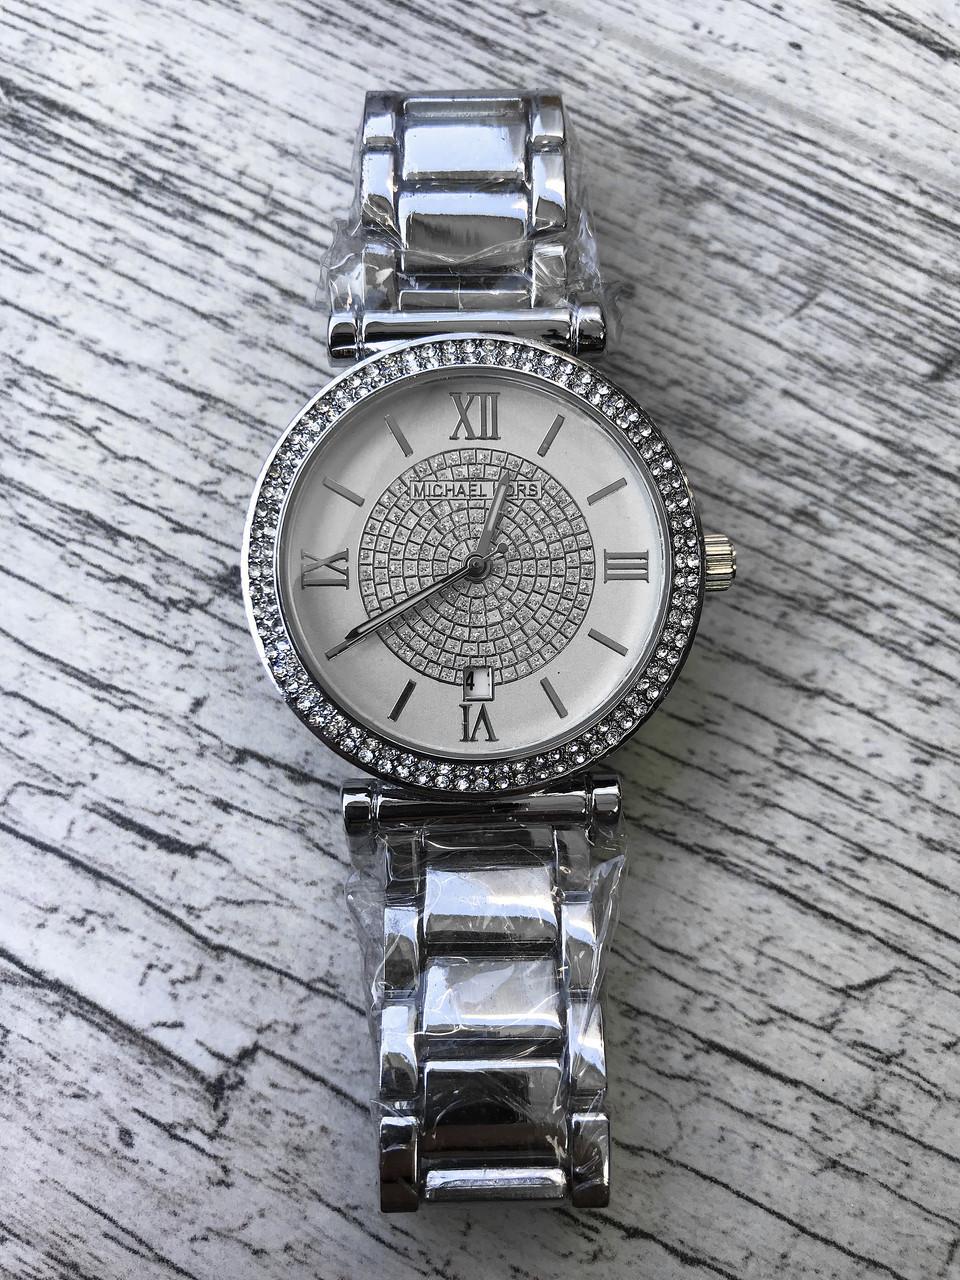 5f5e27b0ce51 Женские наручные серебряные часы с камнями MICHAEL KORS - ЛАВКА ХОББИТА в  Одессе